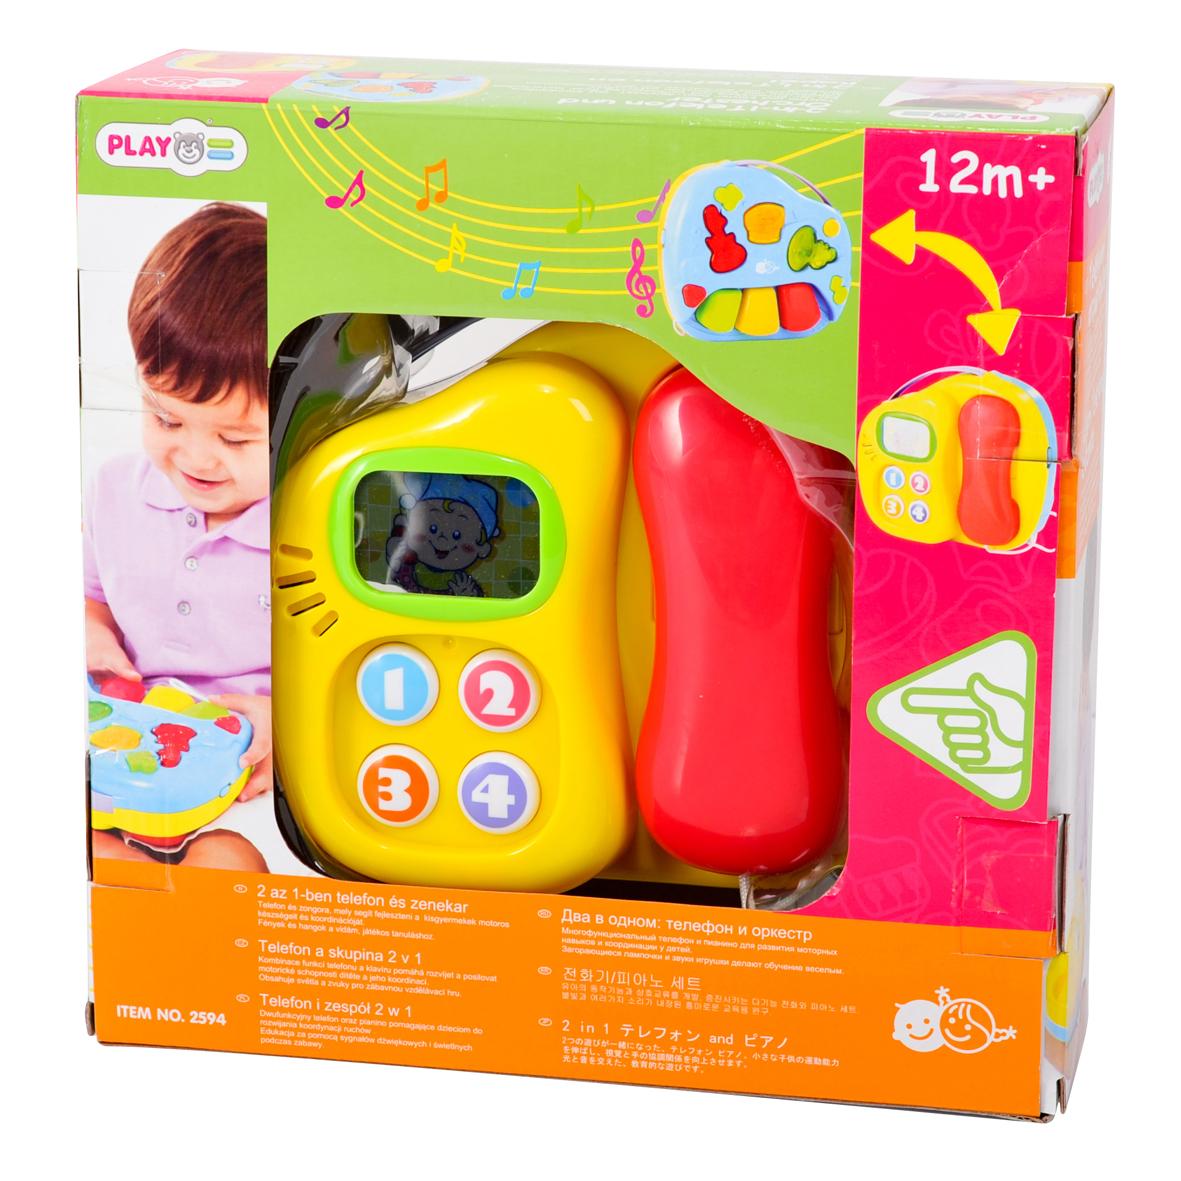 Playgo Игровой развивающий центр Телефон и оркестрPlay 2594Игровой центр «Телефон и оркестр» понравится не только детям, но и их родителям. На игровом центре есть две стороны: пианино и телефон, и на оба со световыми и звуковыми эффектами. С одной стороны центр имеет телефон со съёмной трубкой (прикреплена к центру шнурком) и четыре кнопки для набора номера. Во время нажатия на кнопки они пищат, а телефон будет звонить, как настоящий. Со второй стороны находится оркестр, который состоит из трёх музыкальных инструментов – рояля, гитары и барабана и трех клавиш. Если нажать на клавишу инструмента, то вы услышите звучание этого инструмента. Для удобства переноски предусмотрена прочная пластмассовая ручка.